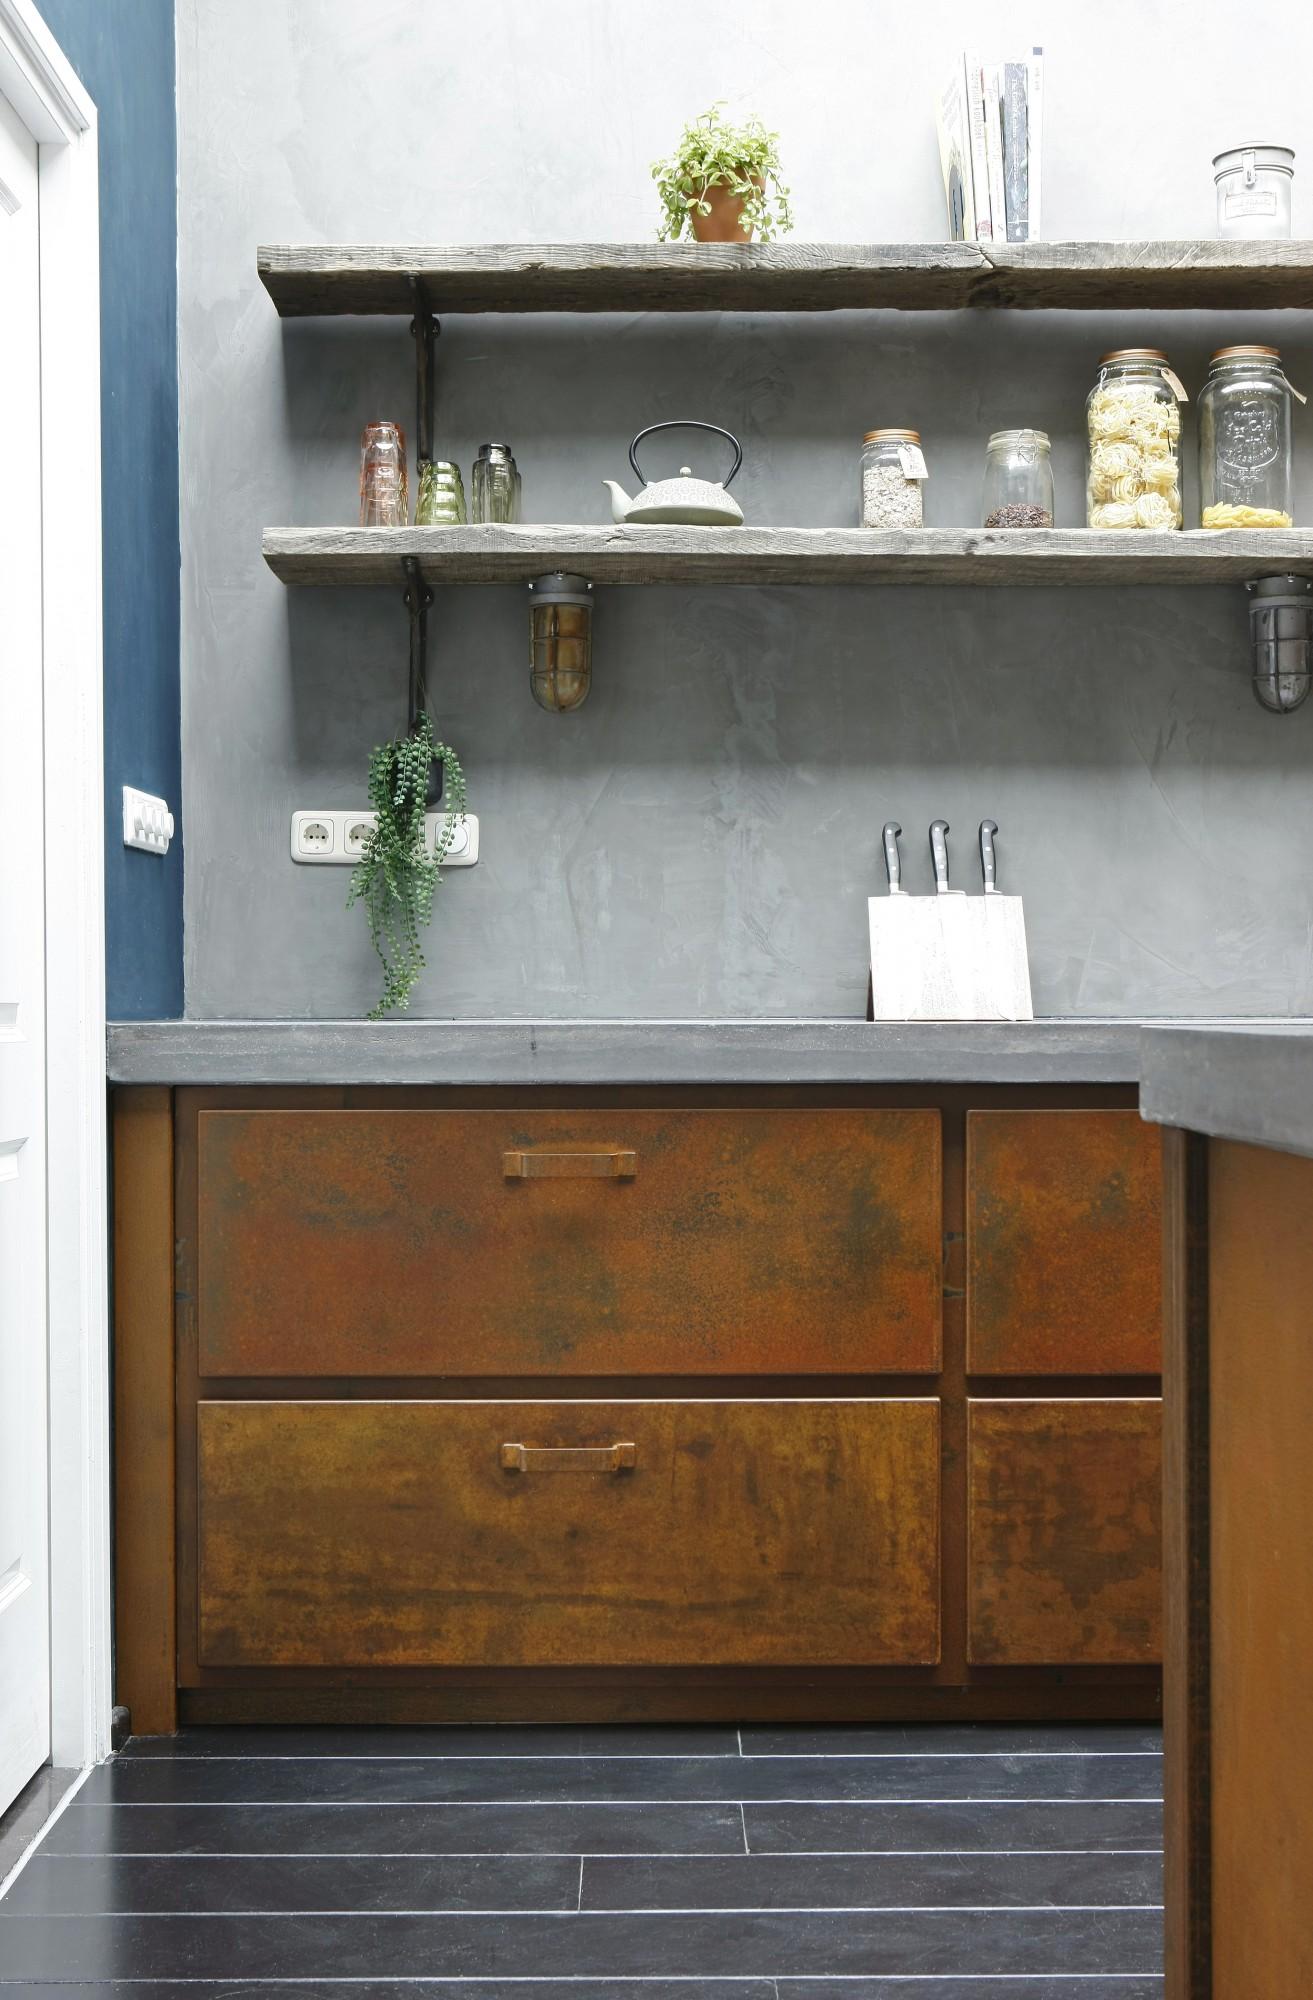 Keuken van geroest staal, beton en gerookt eikenhout. Stoere keuken met keukeneiland in landelijke sfeer. Ruw eikenhouten planken aan de wand met betonlook. Jacob Interior keuken Maarn